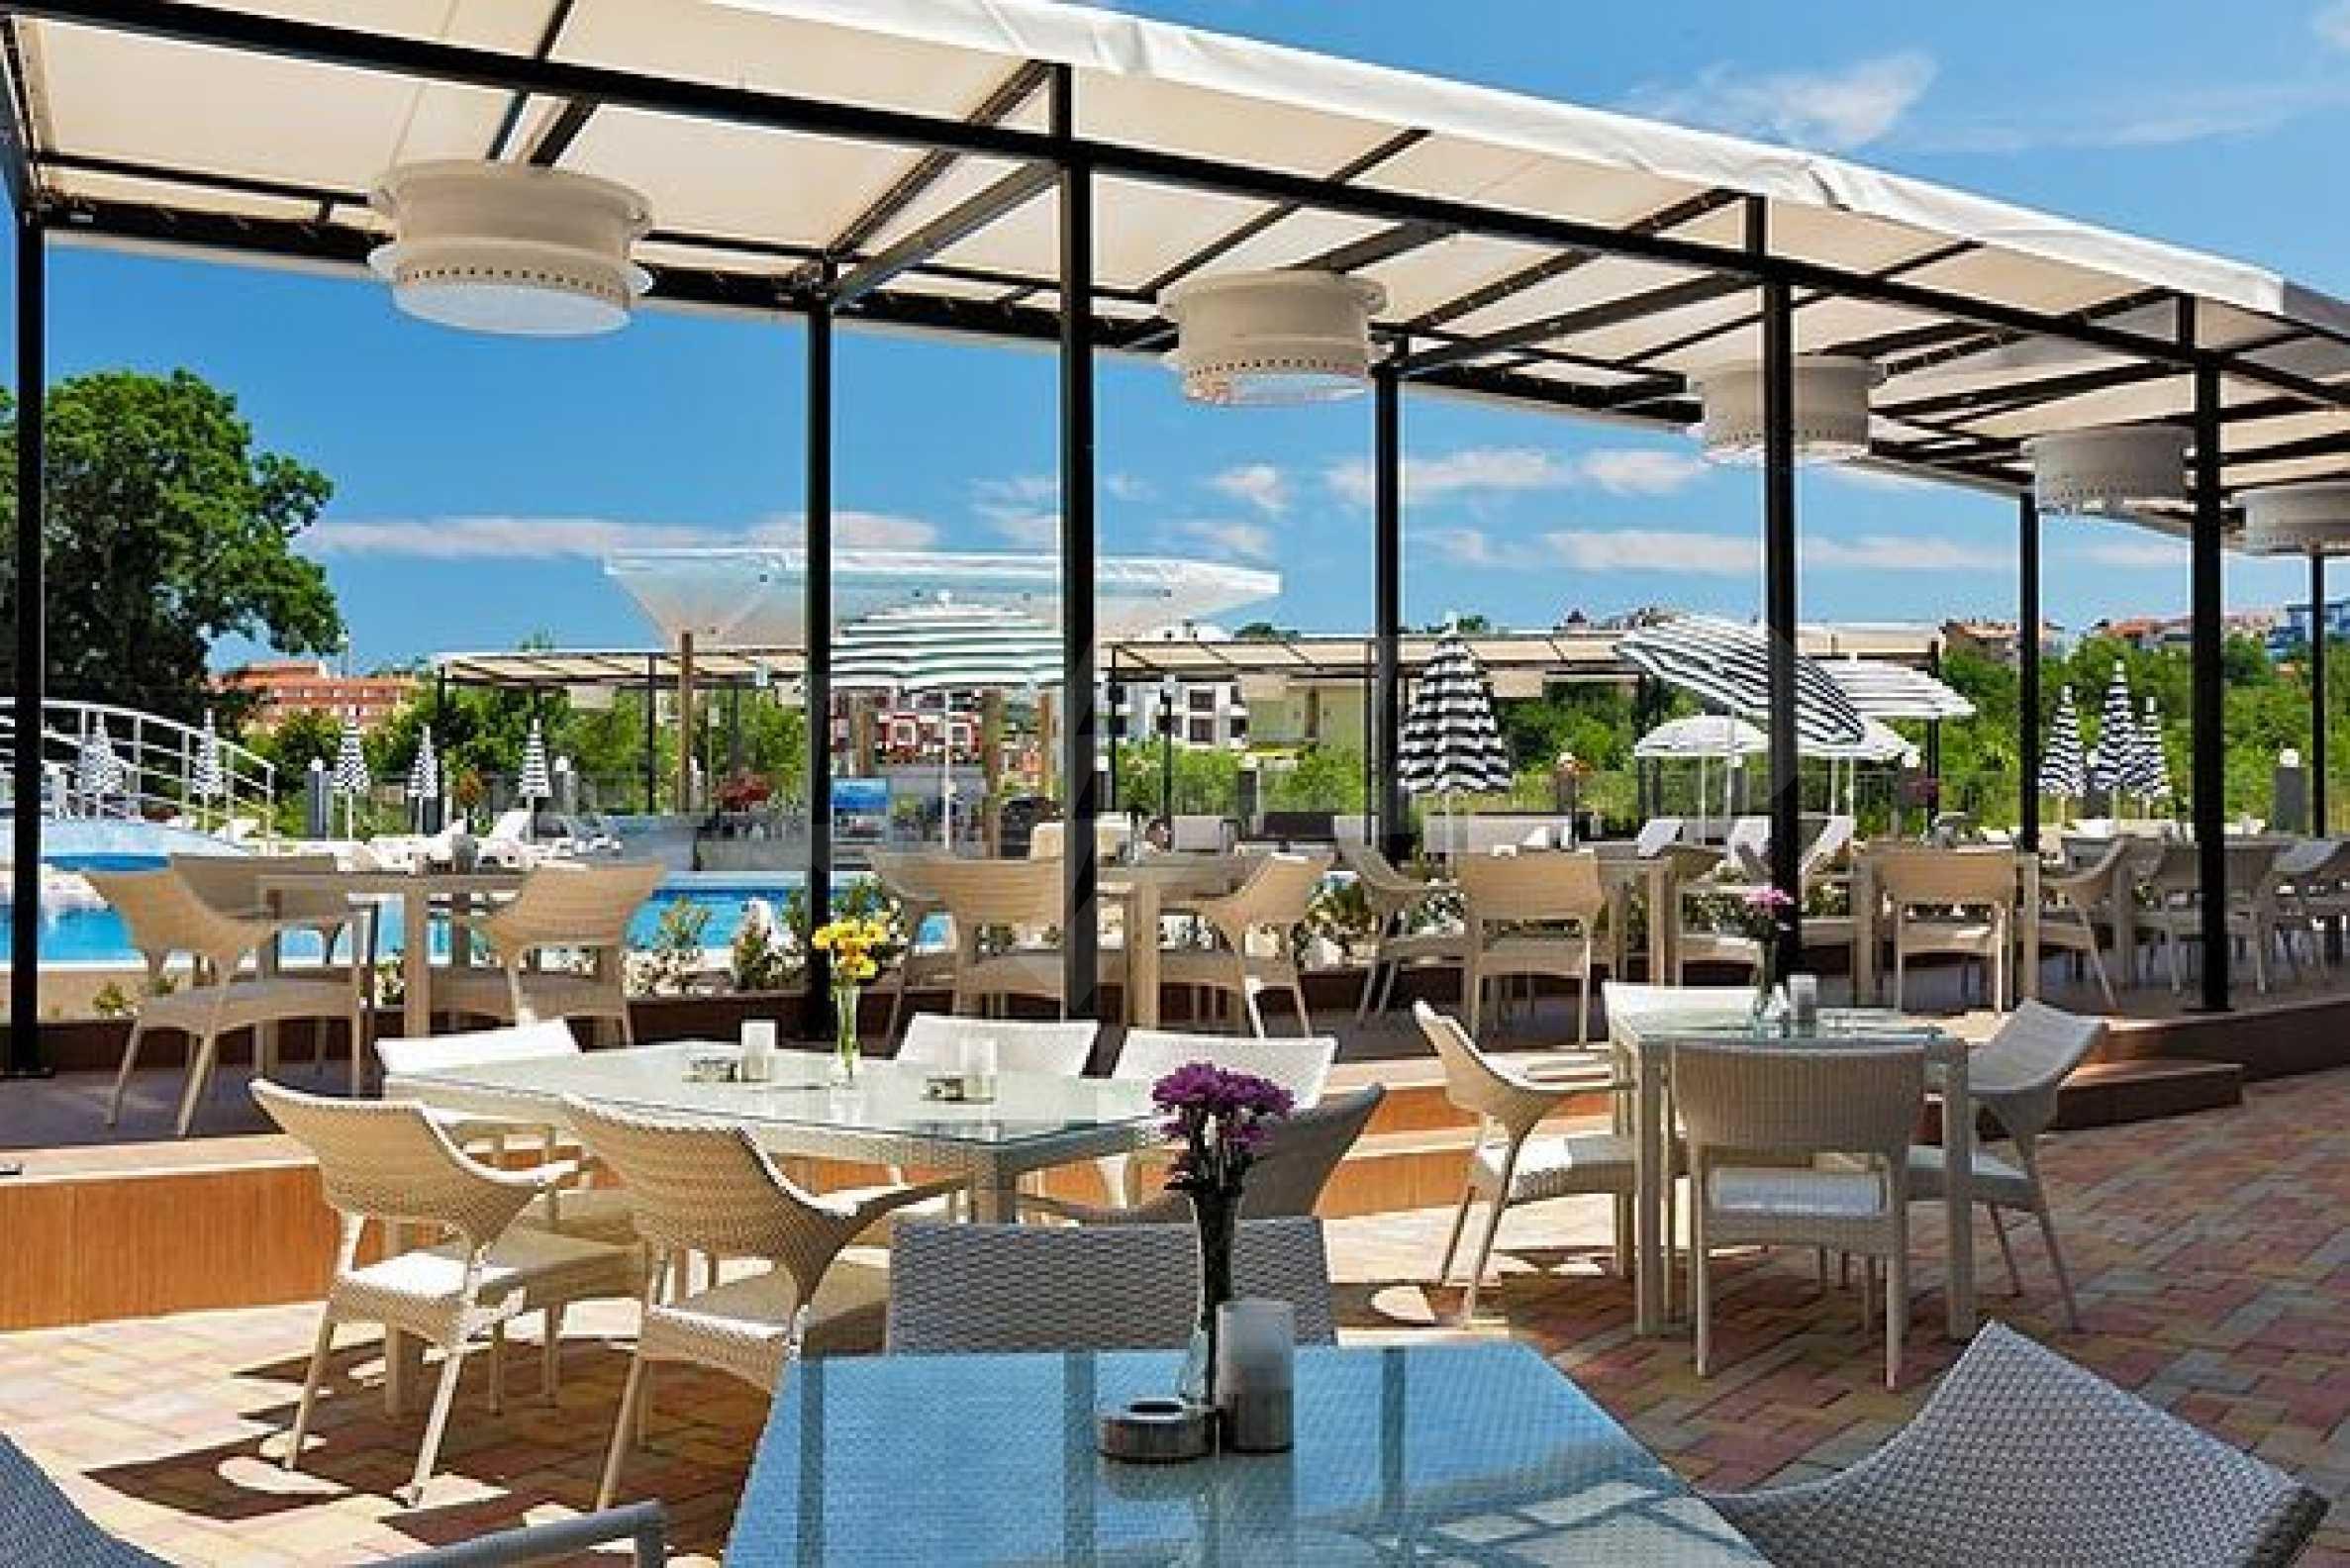 Einrichtung mit Restaurant, Bar und Pool-Bar im Meer-Kurort Lozenets 21